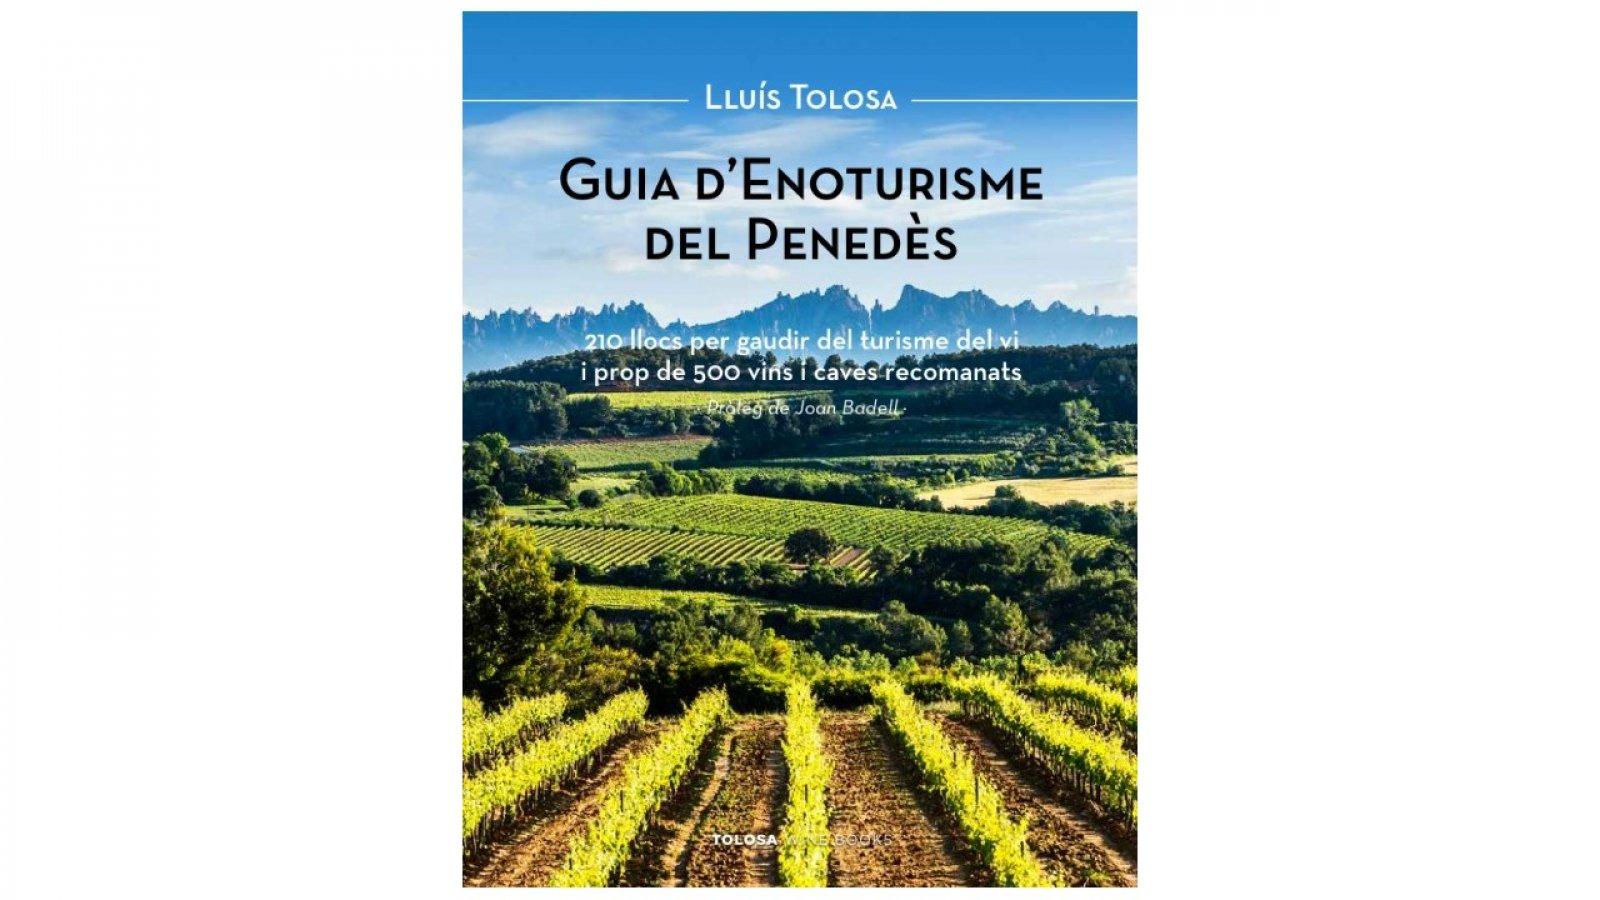 La Guia d'Enoturisme del Penedès de Lluis Tolosa